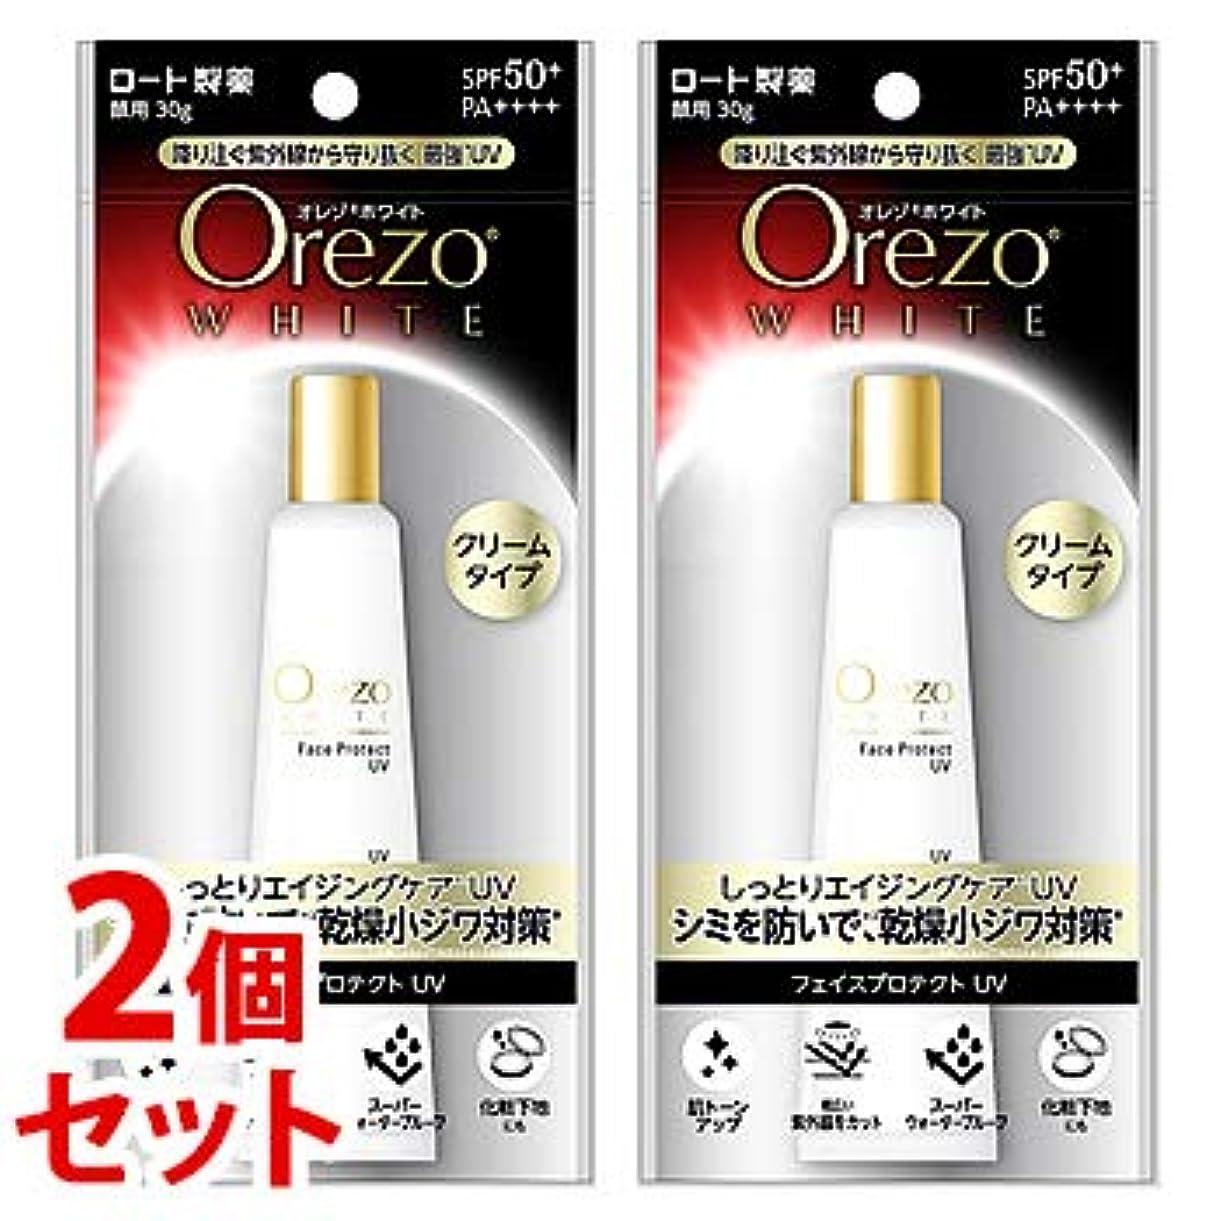 自分のライン政治的《セット販売》 ロート製薬 Orezo オレゾ ホワイト フェイスプロテクトUV SPF50+ PA++++ (30g)×2個セット 顔用 日やけ止め 化粧下地 クリームタイプ